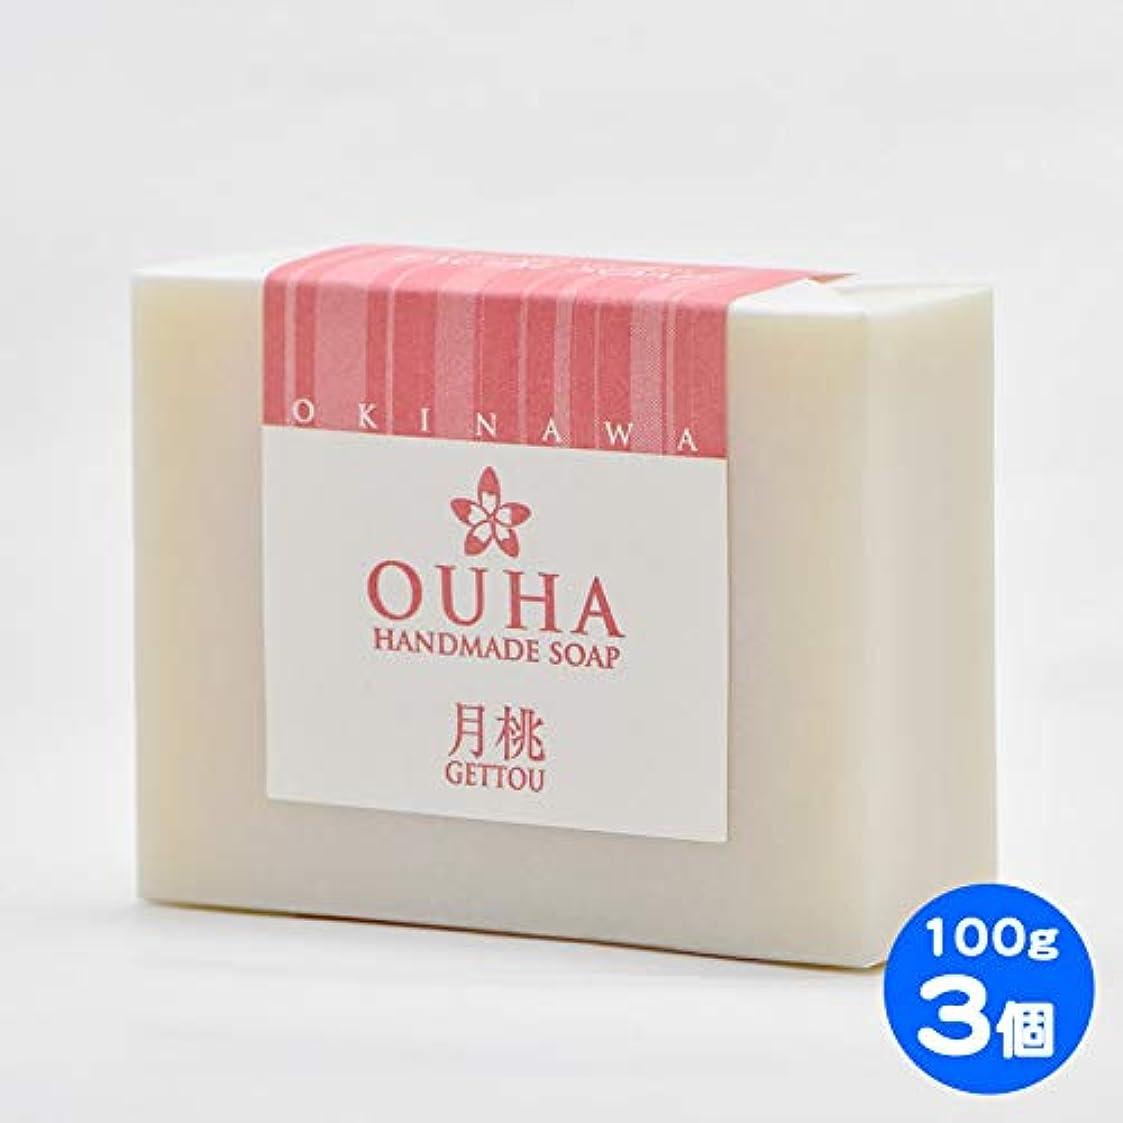 雇用者石の左【送料無料 レターパックライト】沖縄県産 OUHAソープ 月桃 石鹸 100g 3個セット